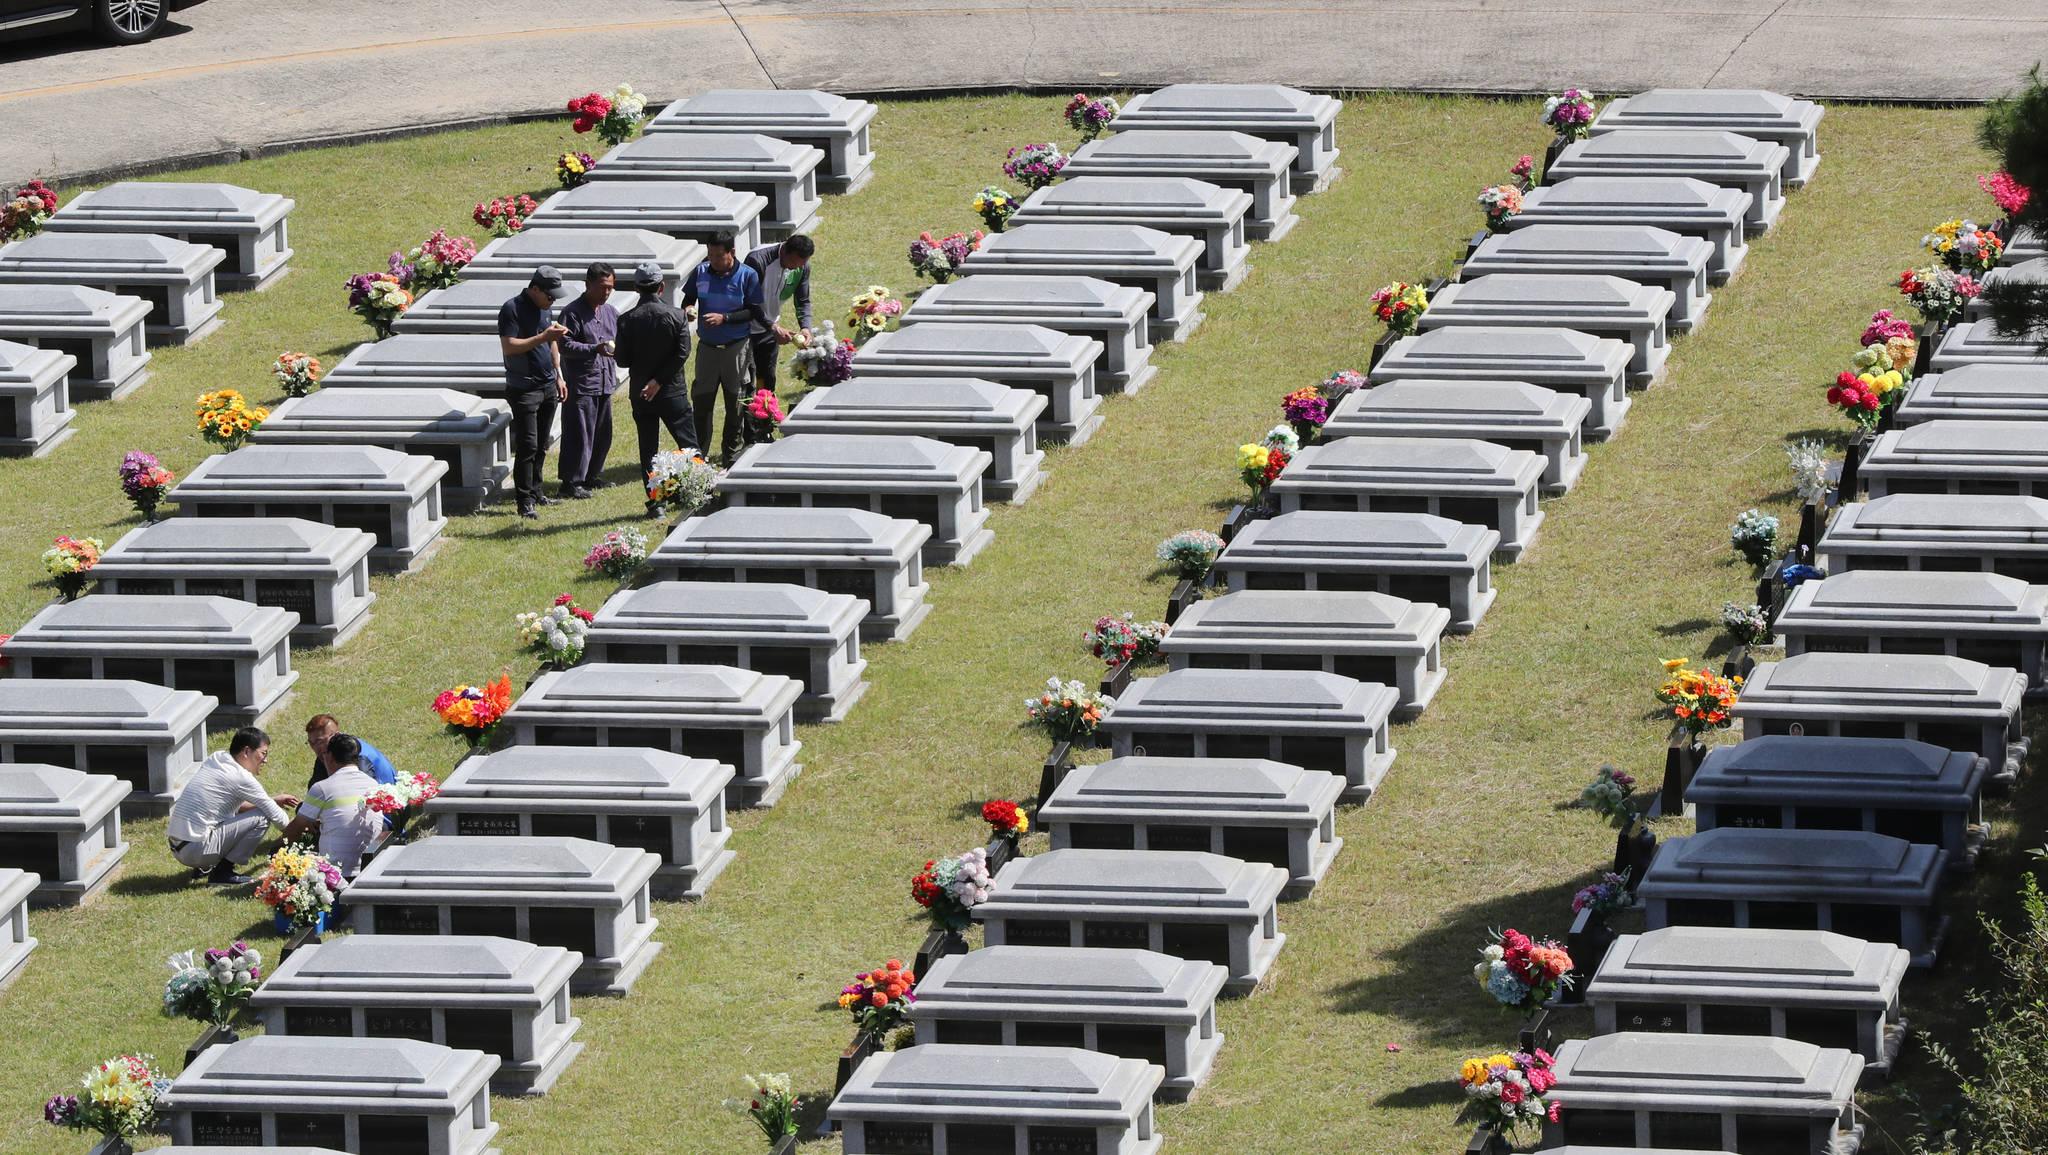 올 추석 연휴 광주 북구 영락공원에 있는 조상의 묘를 찾은 후손들이 성묘하고 있다. [연합뉴스]